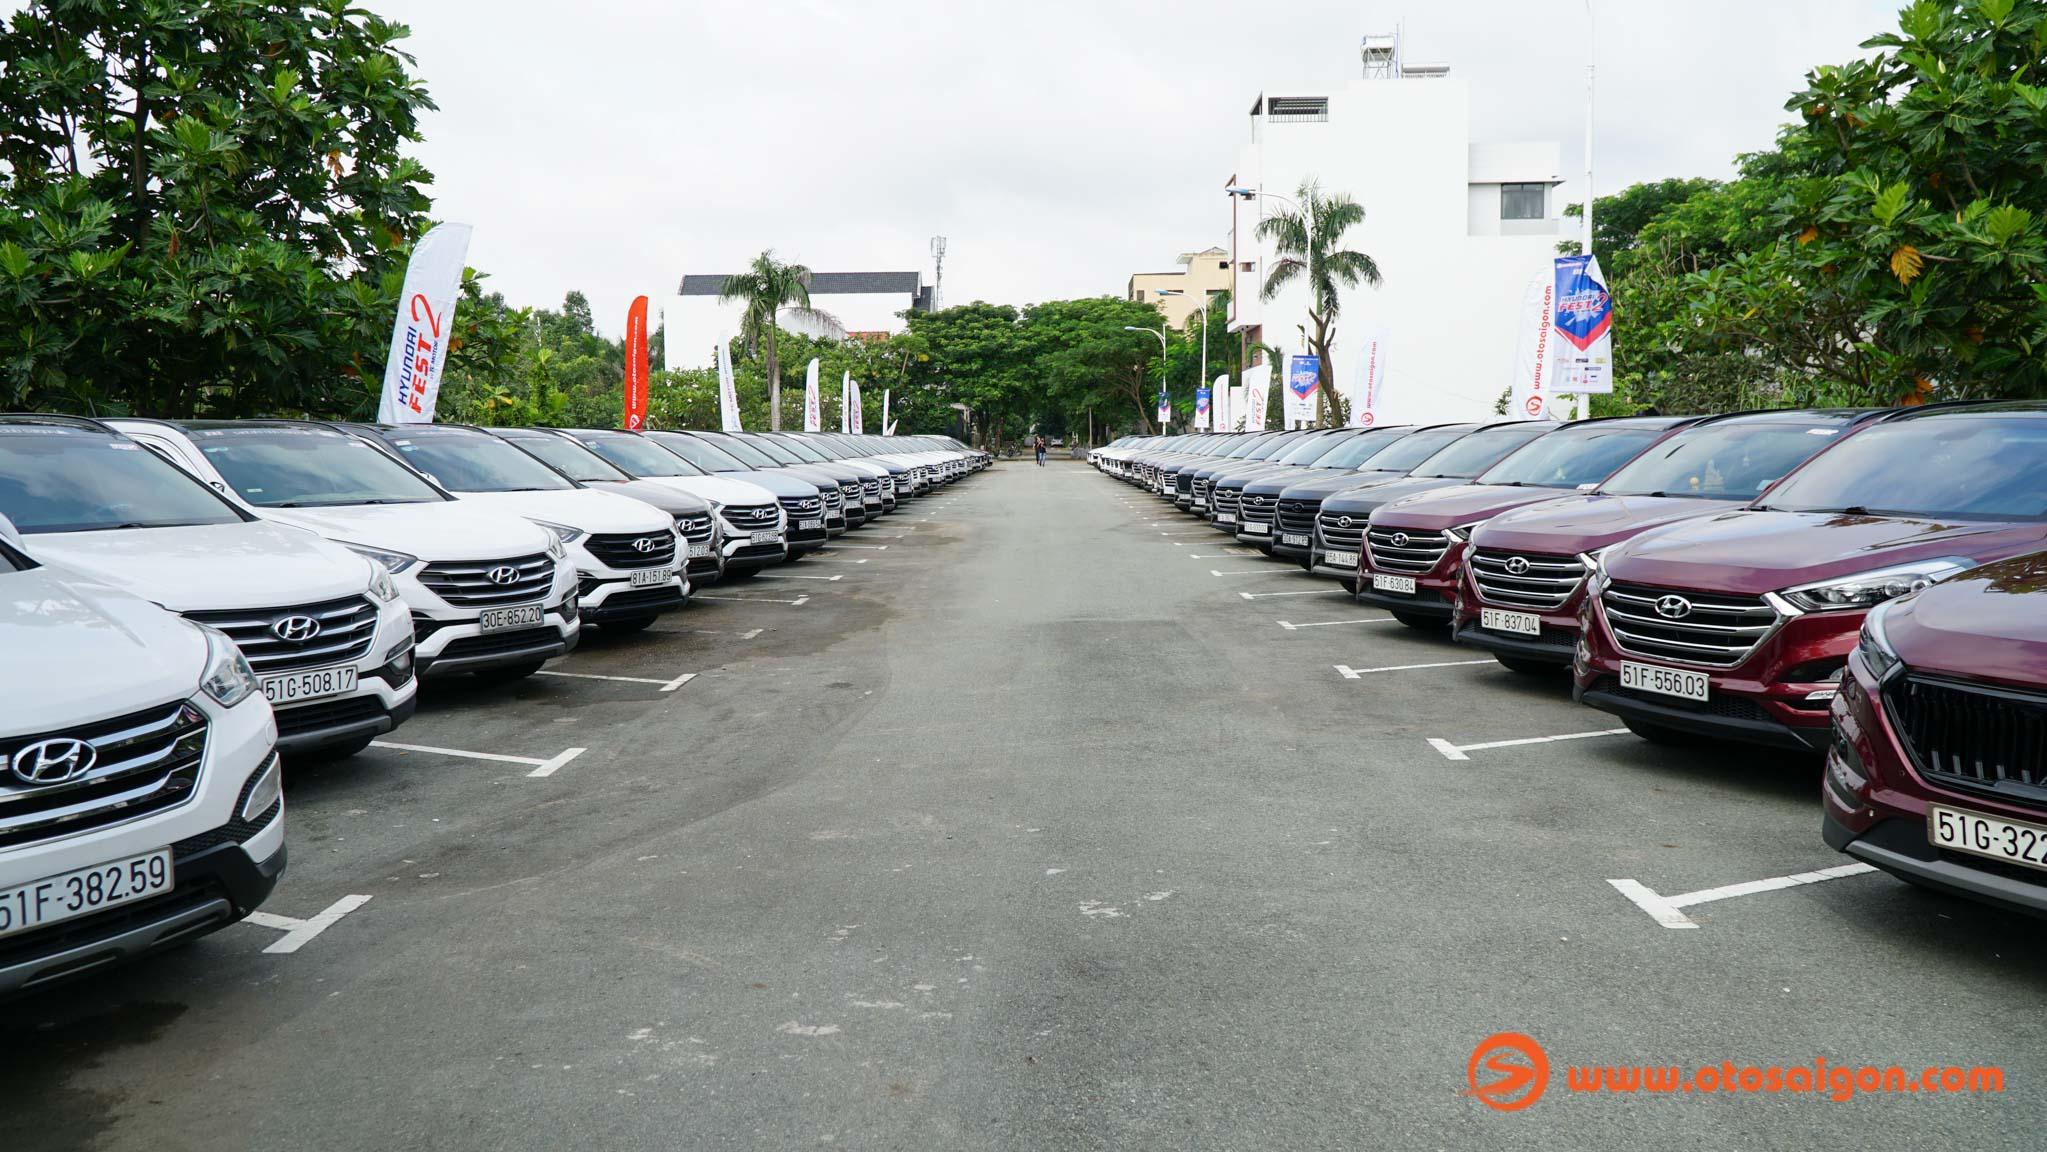 Tường thuật Hyundai Fest 2 – Ngày hội của người dùng xe Hyundai tại Miền Nam